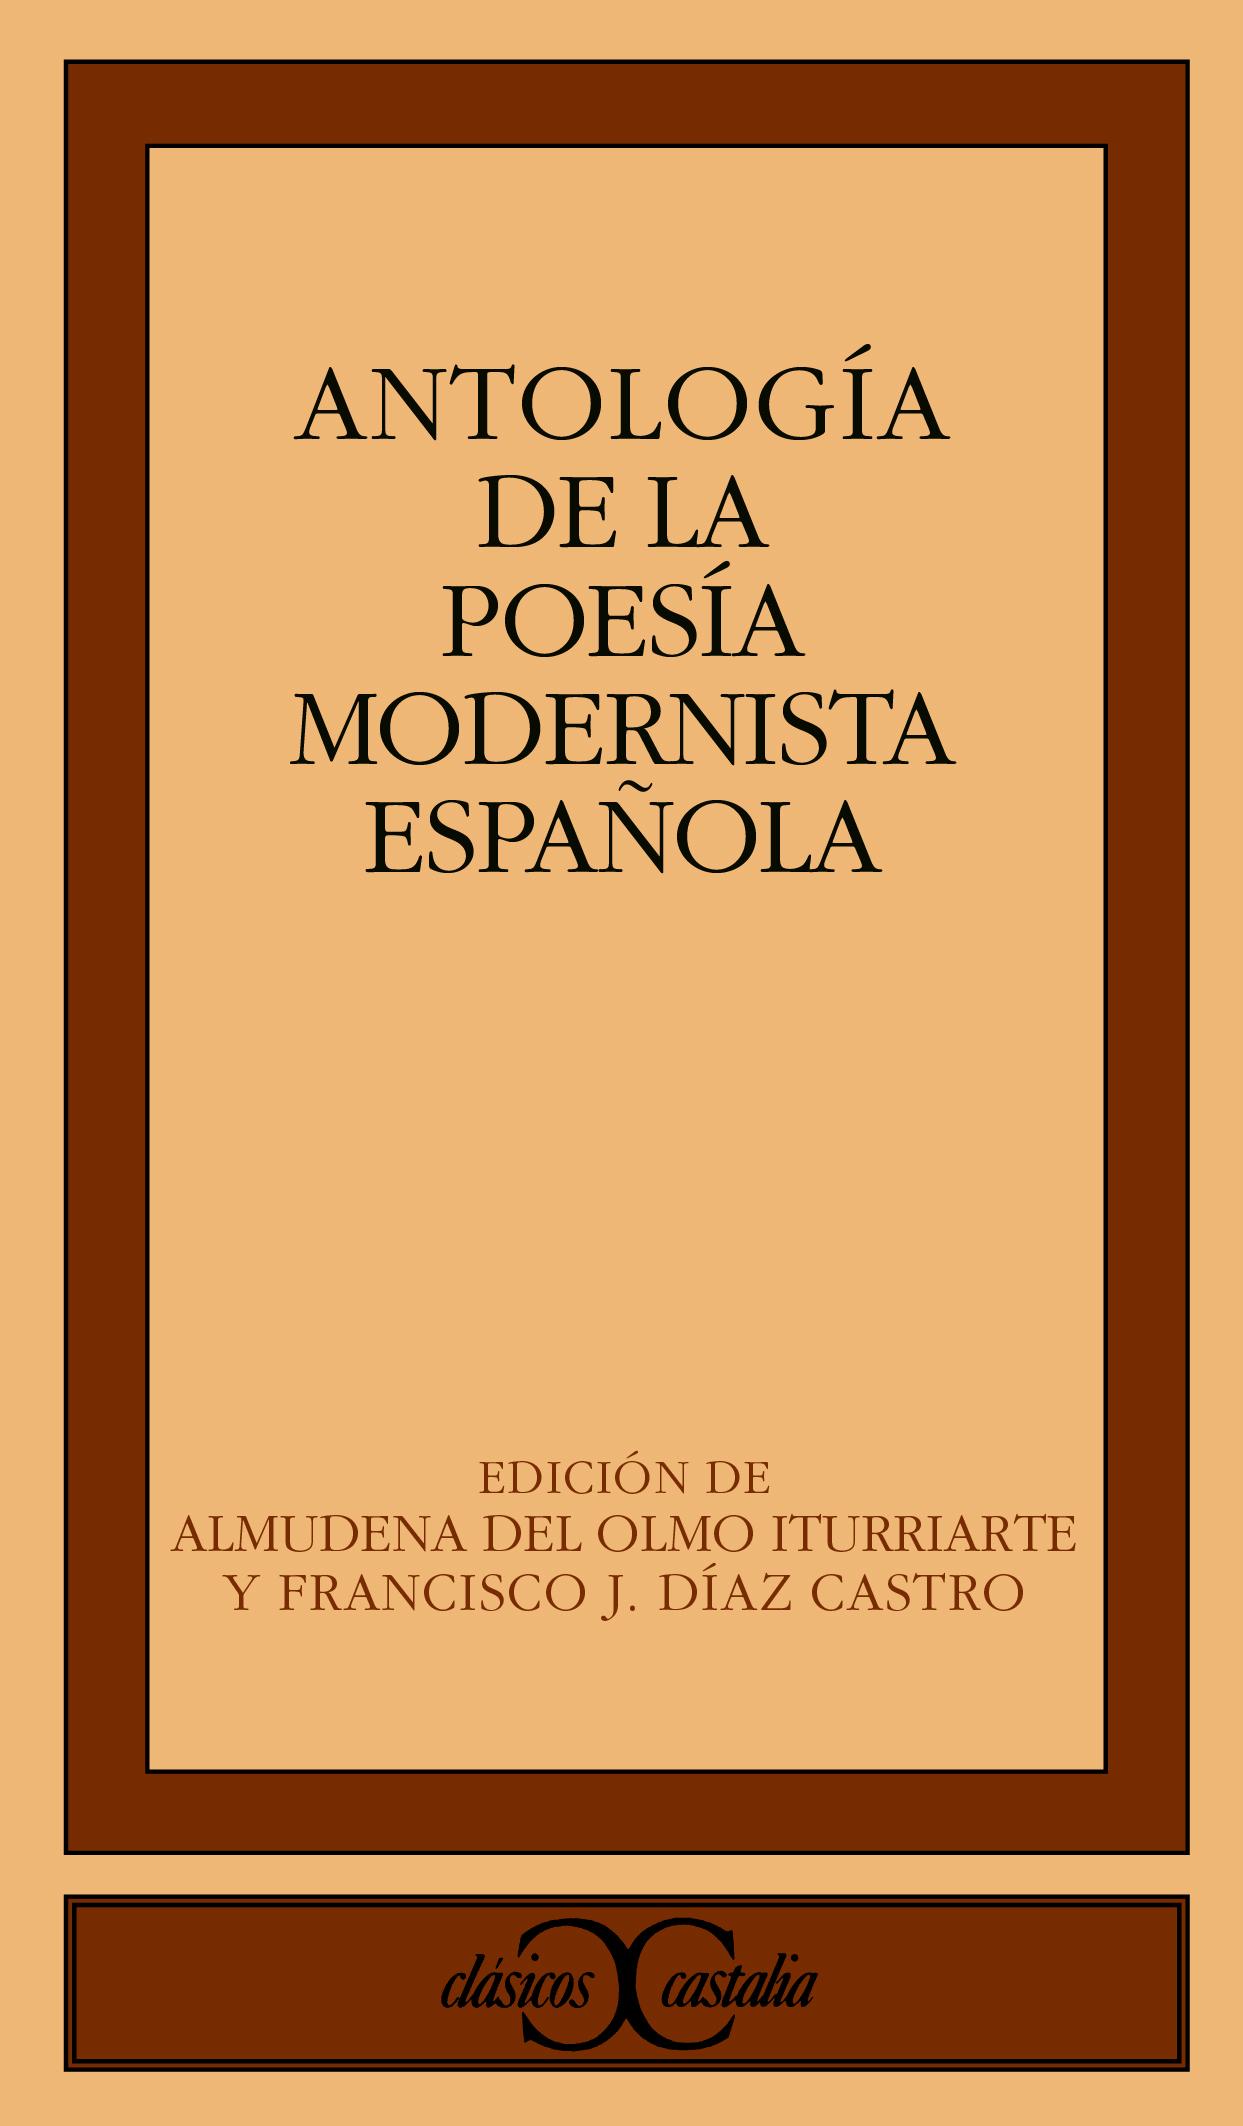 Antología de la poesía modernista española